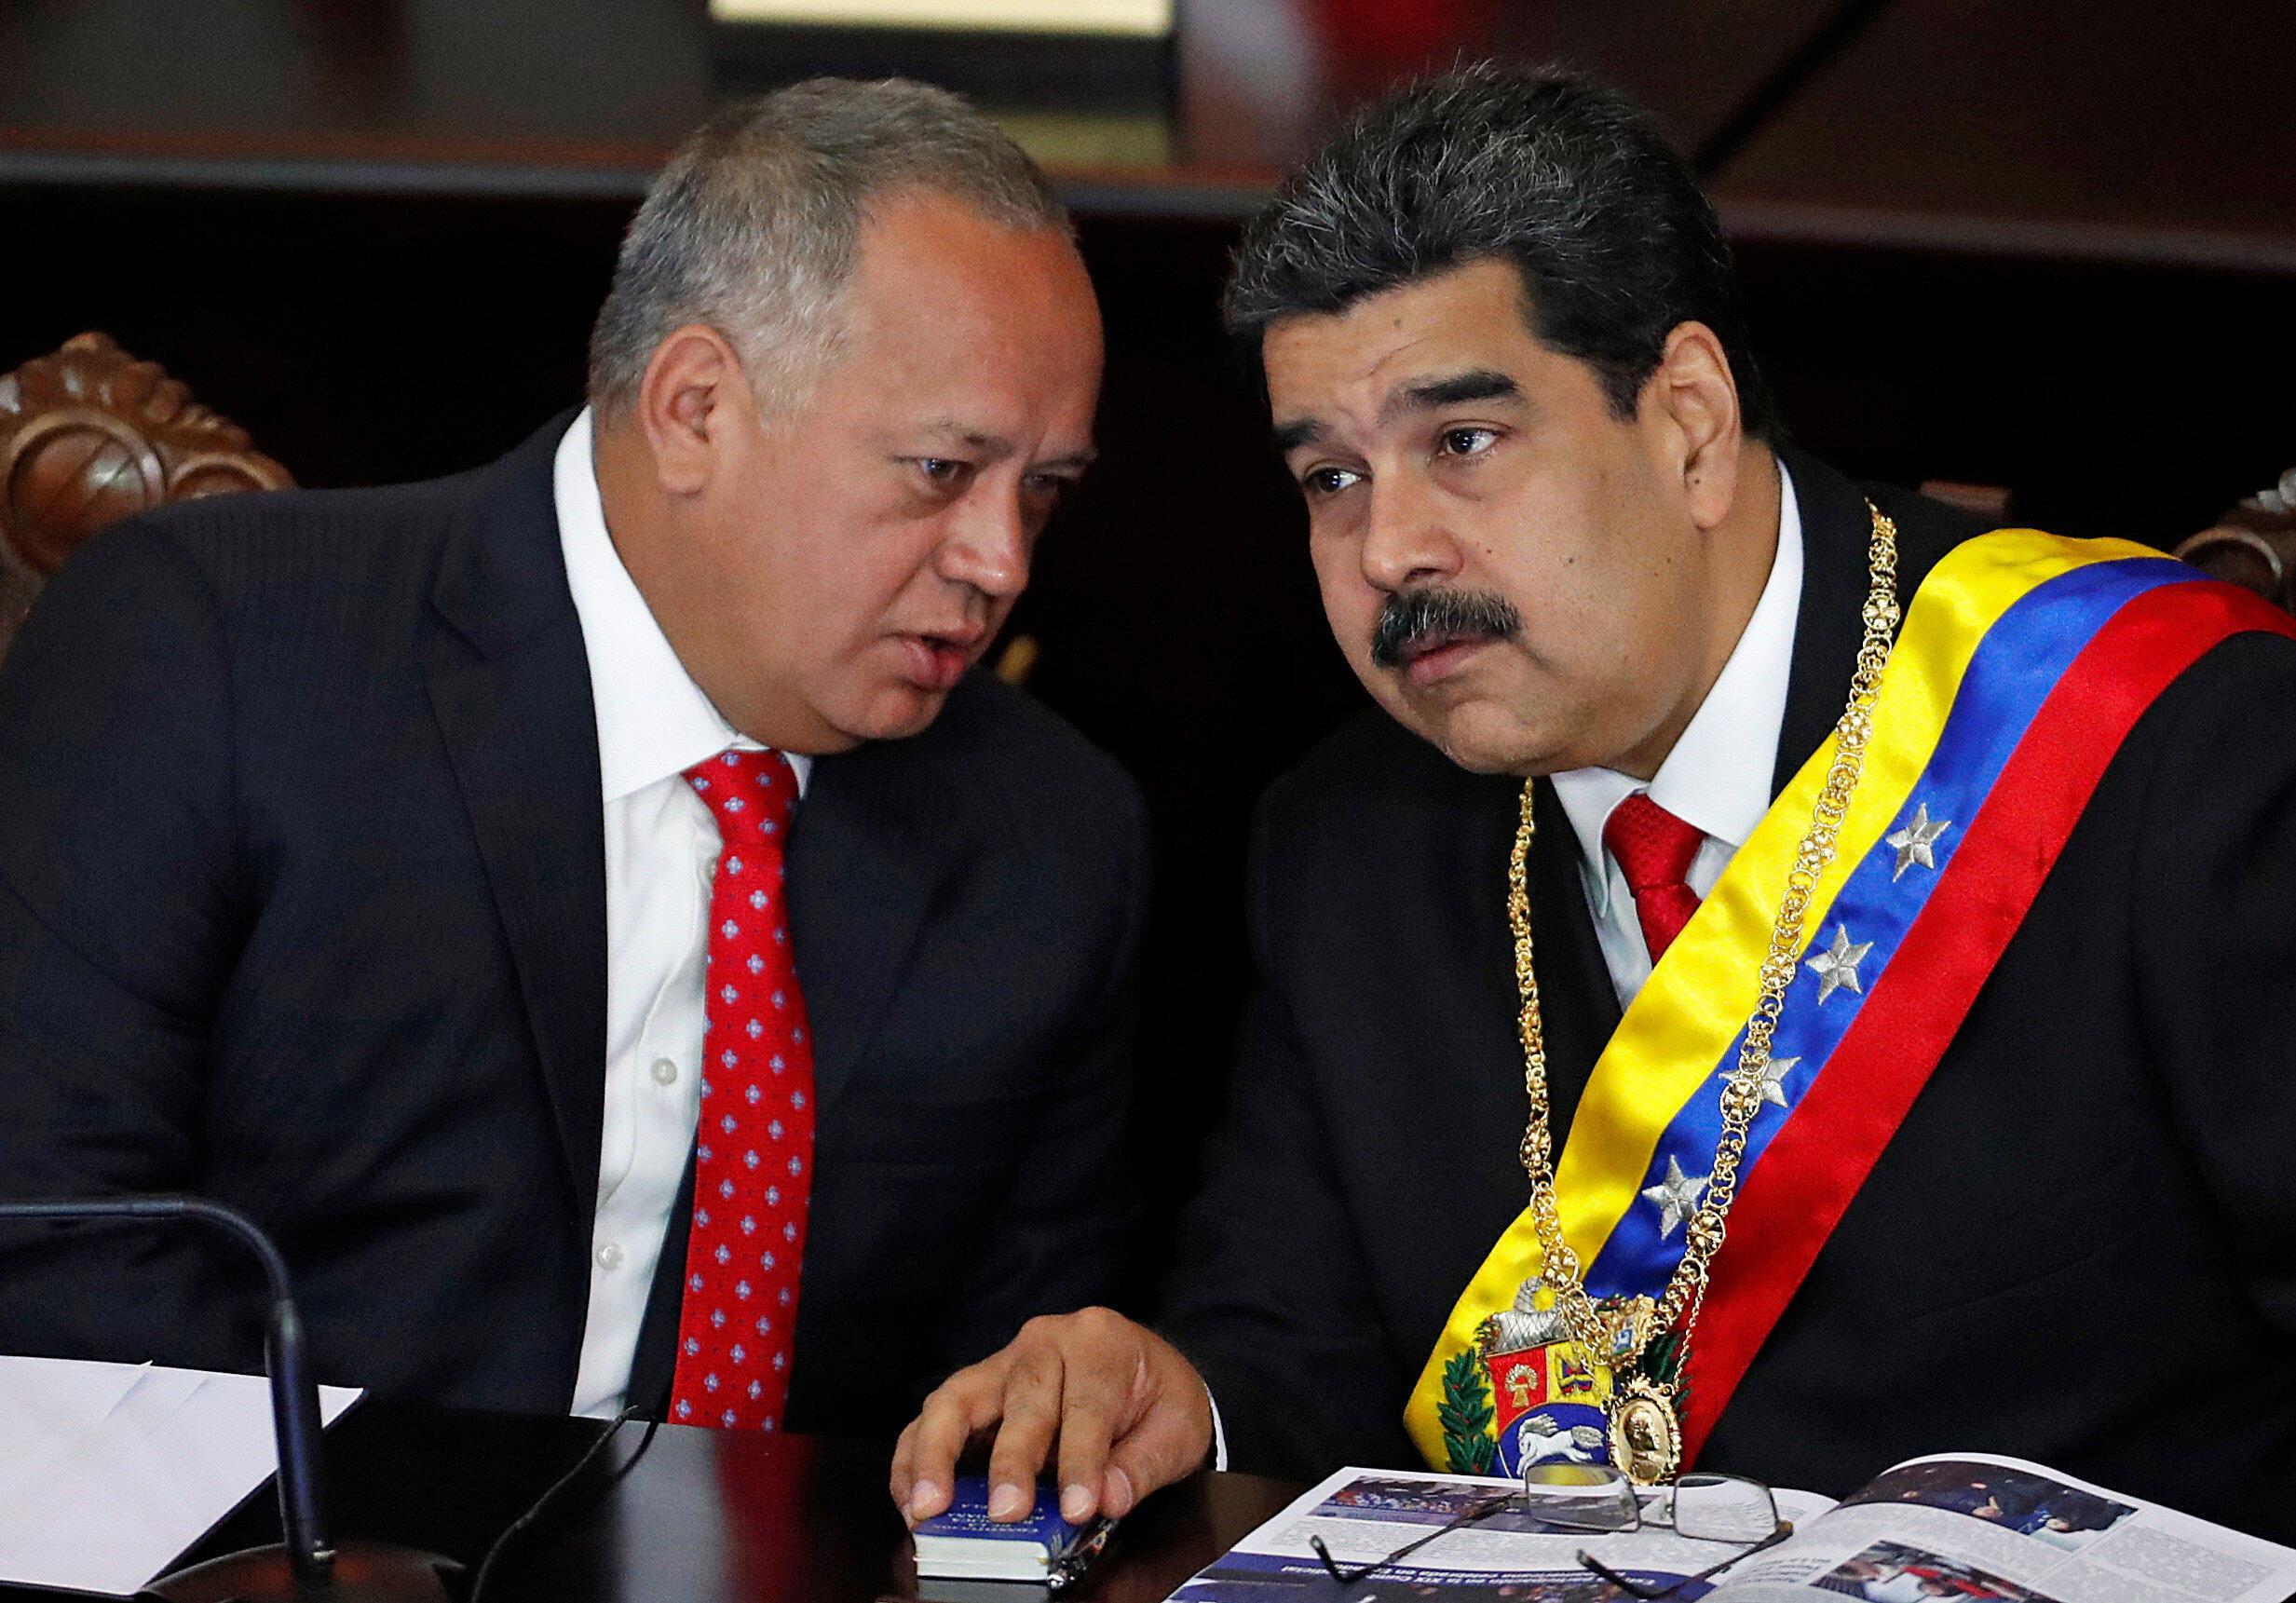 Tổng thống Venezuela Nicolas Maduro (P) và chủ tịch Quốc Hội lập hiến Diosdado Cabello tại Tòa Án Tối Cao, Caracas, ngày 24/01/2019